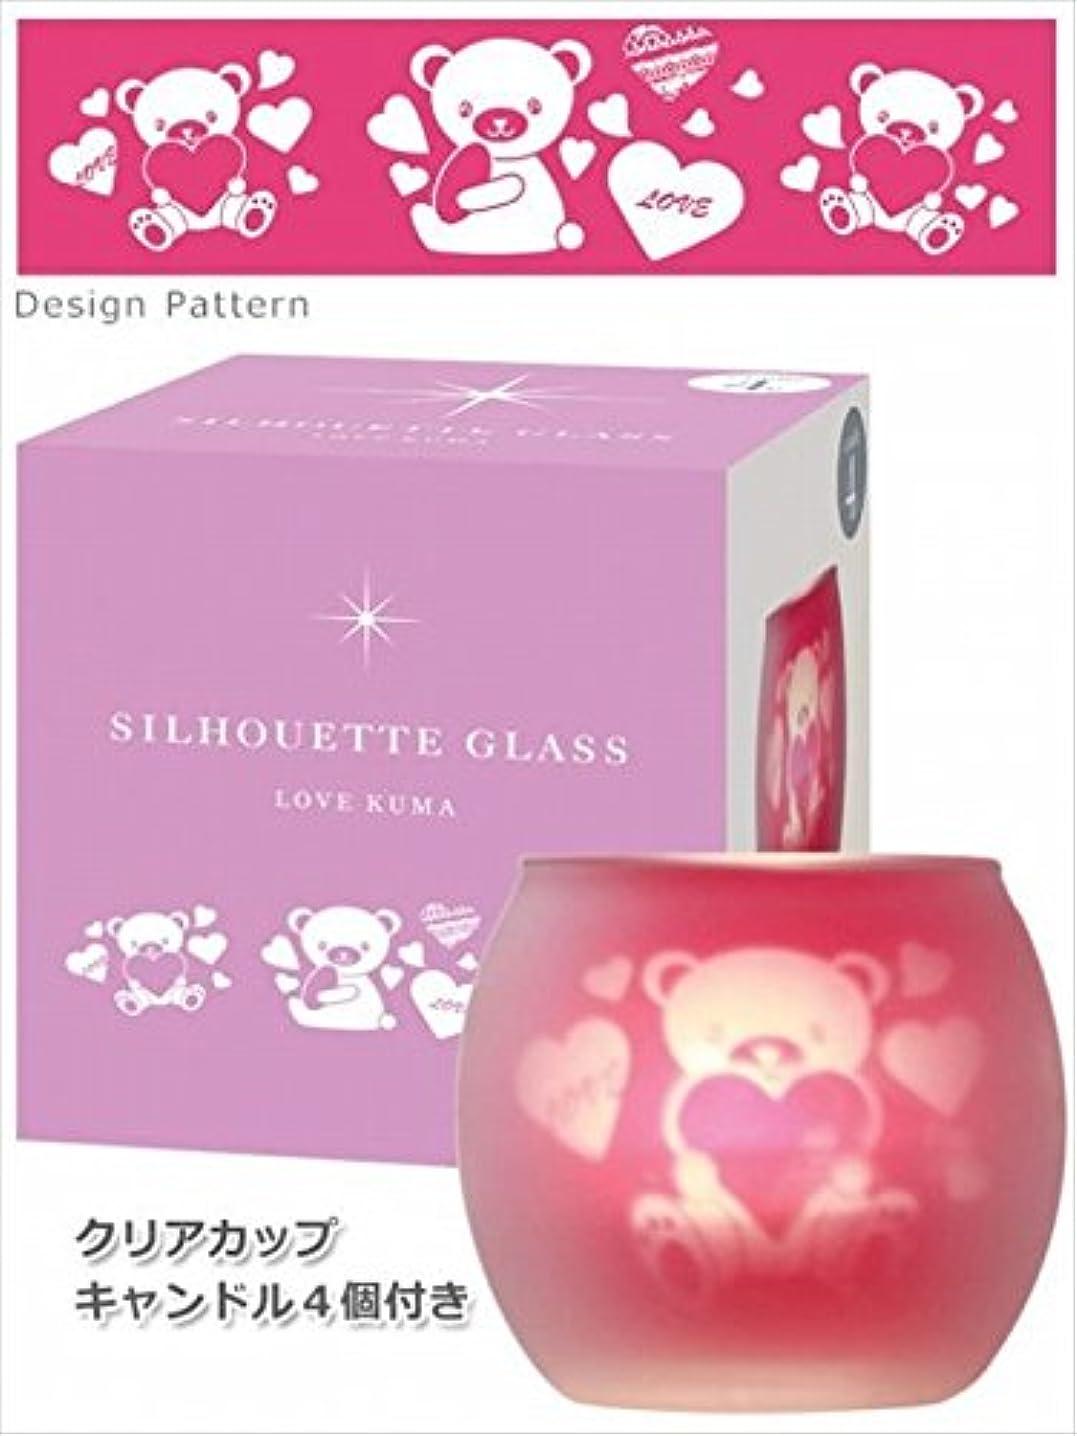 シロクマまばたきいろいろカメヤマキャンドル(kameyama candle) らぶクマシルエットグラス【キャンドル4個付き】